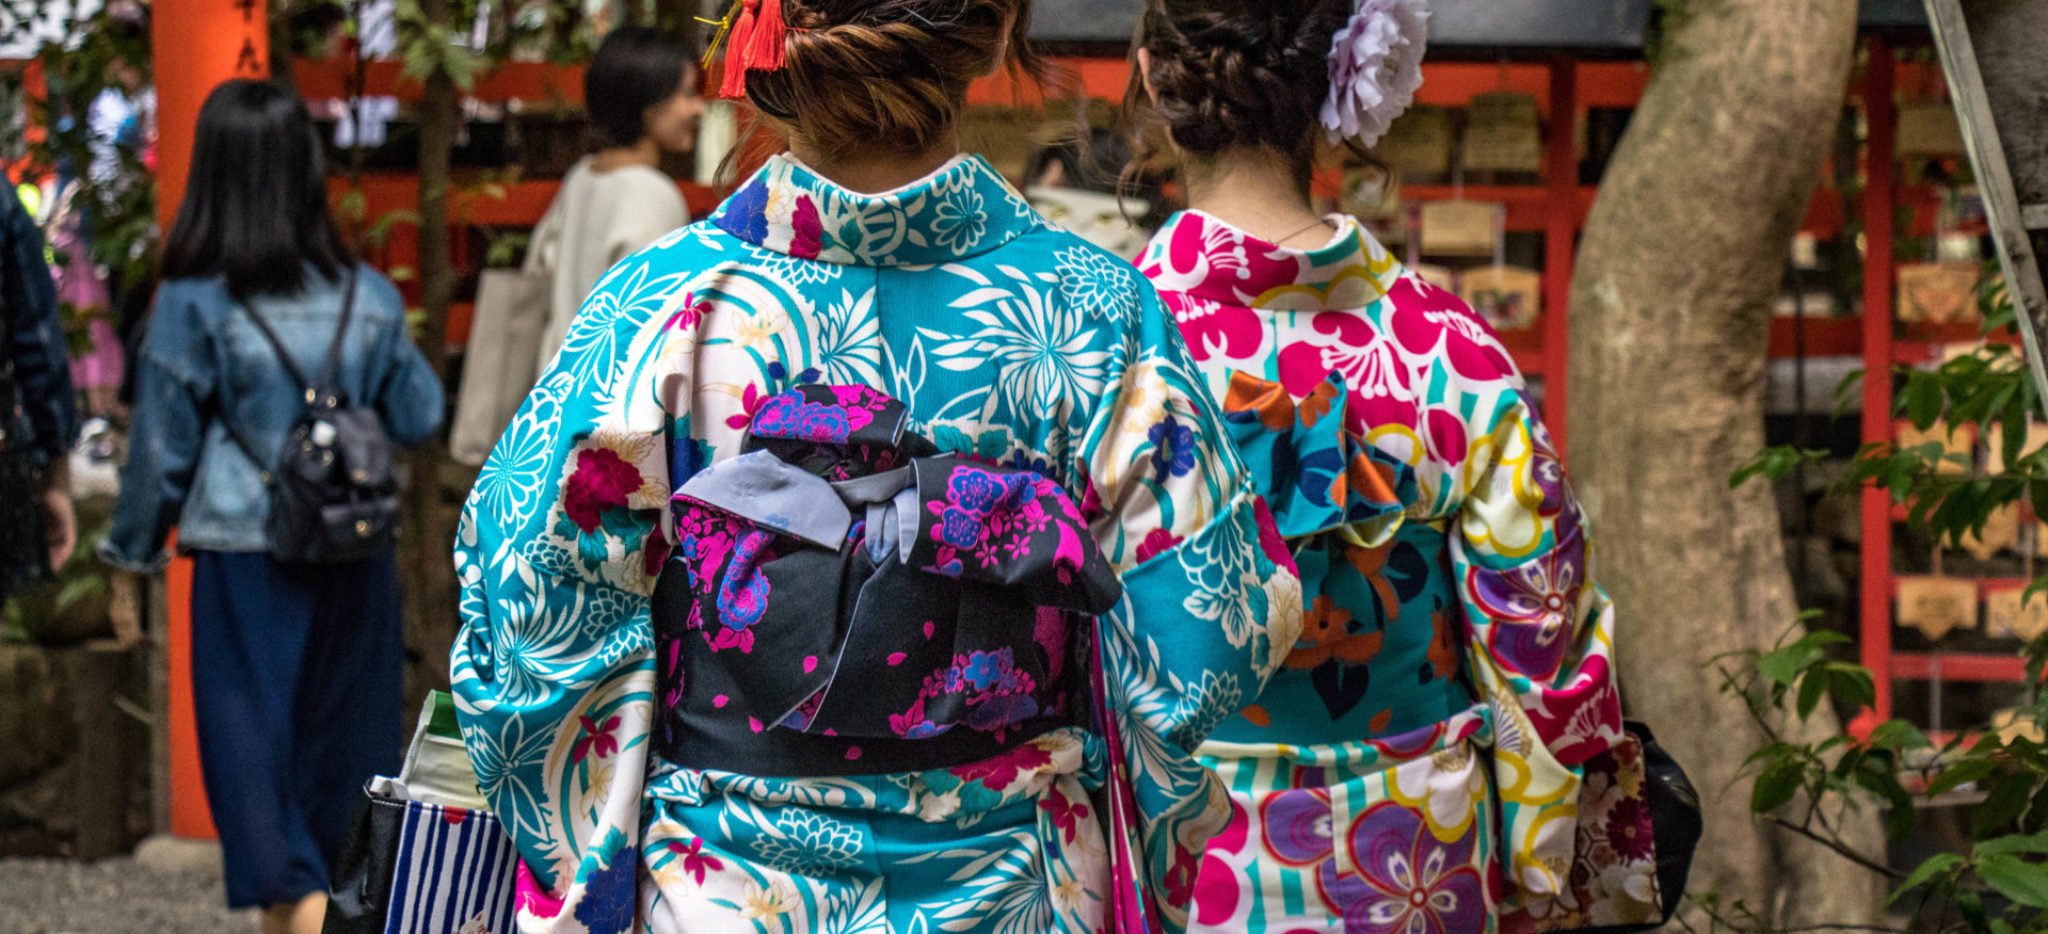 Women wearing yukata/kimono